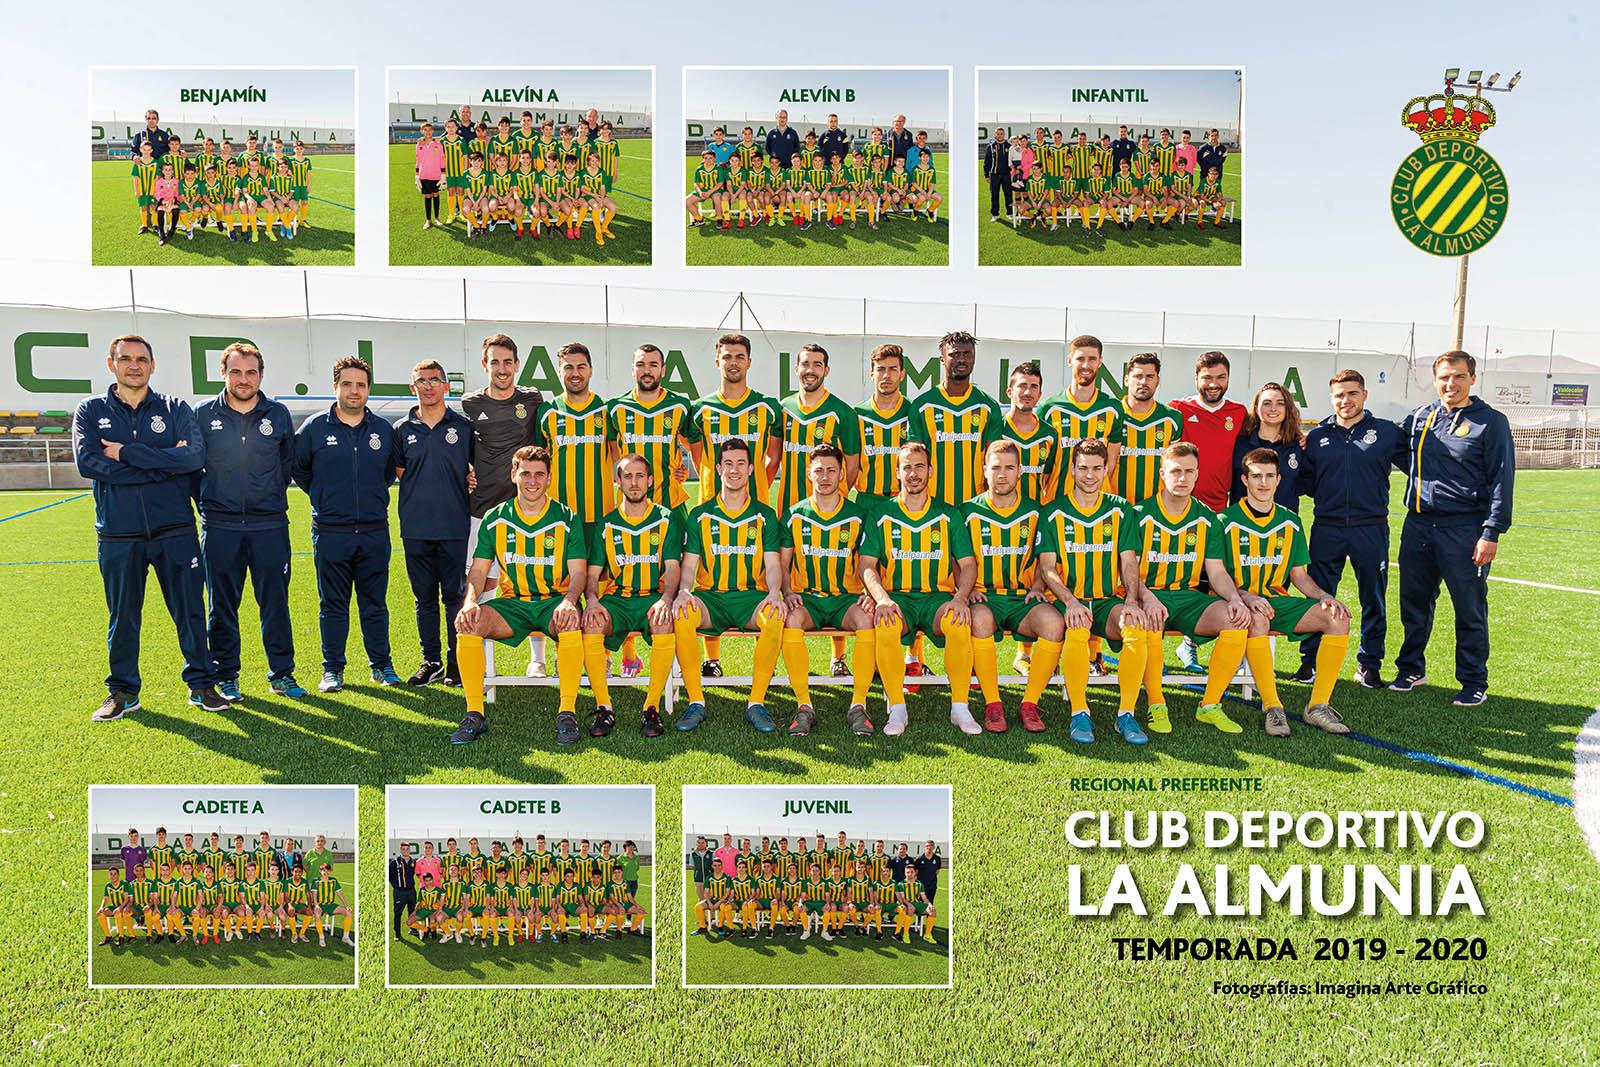 Fotografía CD La Almunia. Temporada 2019-2020.